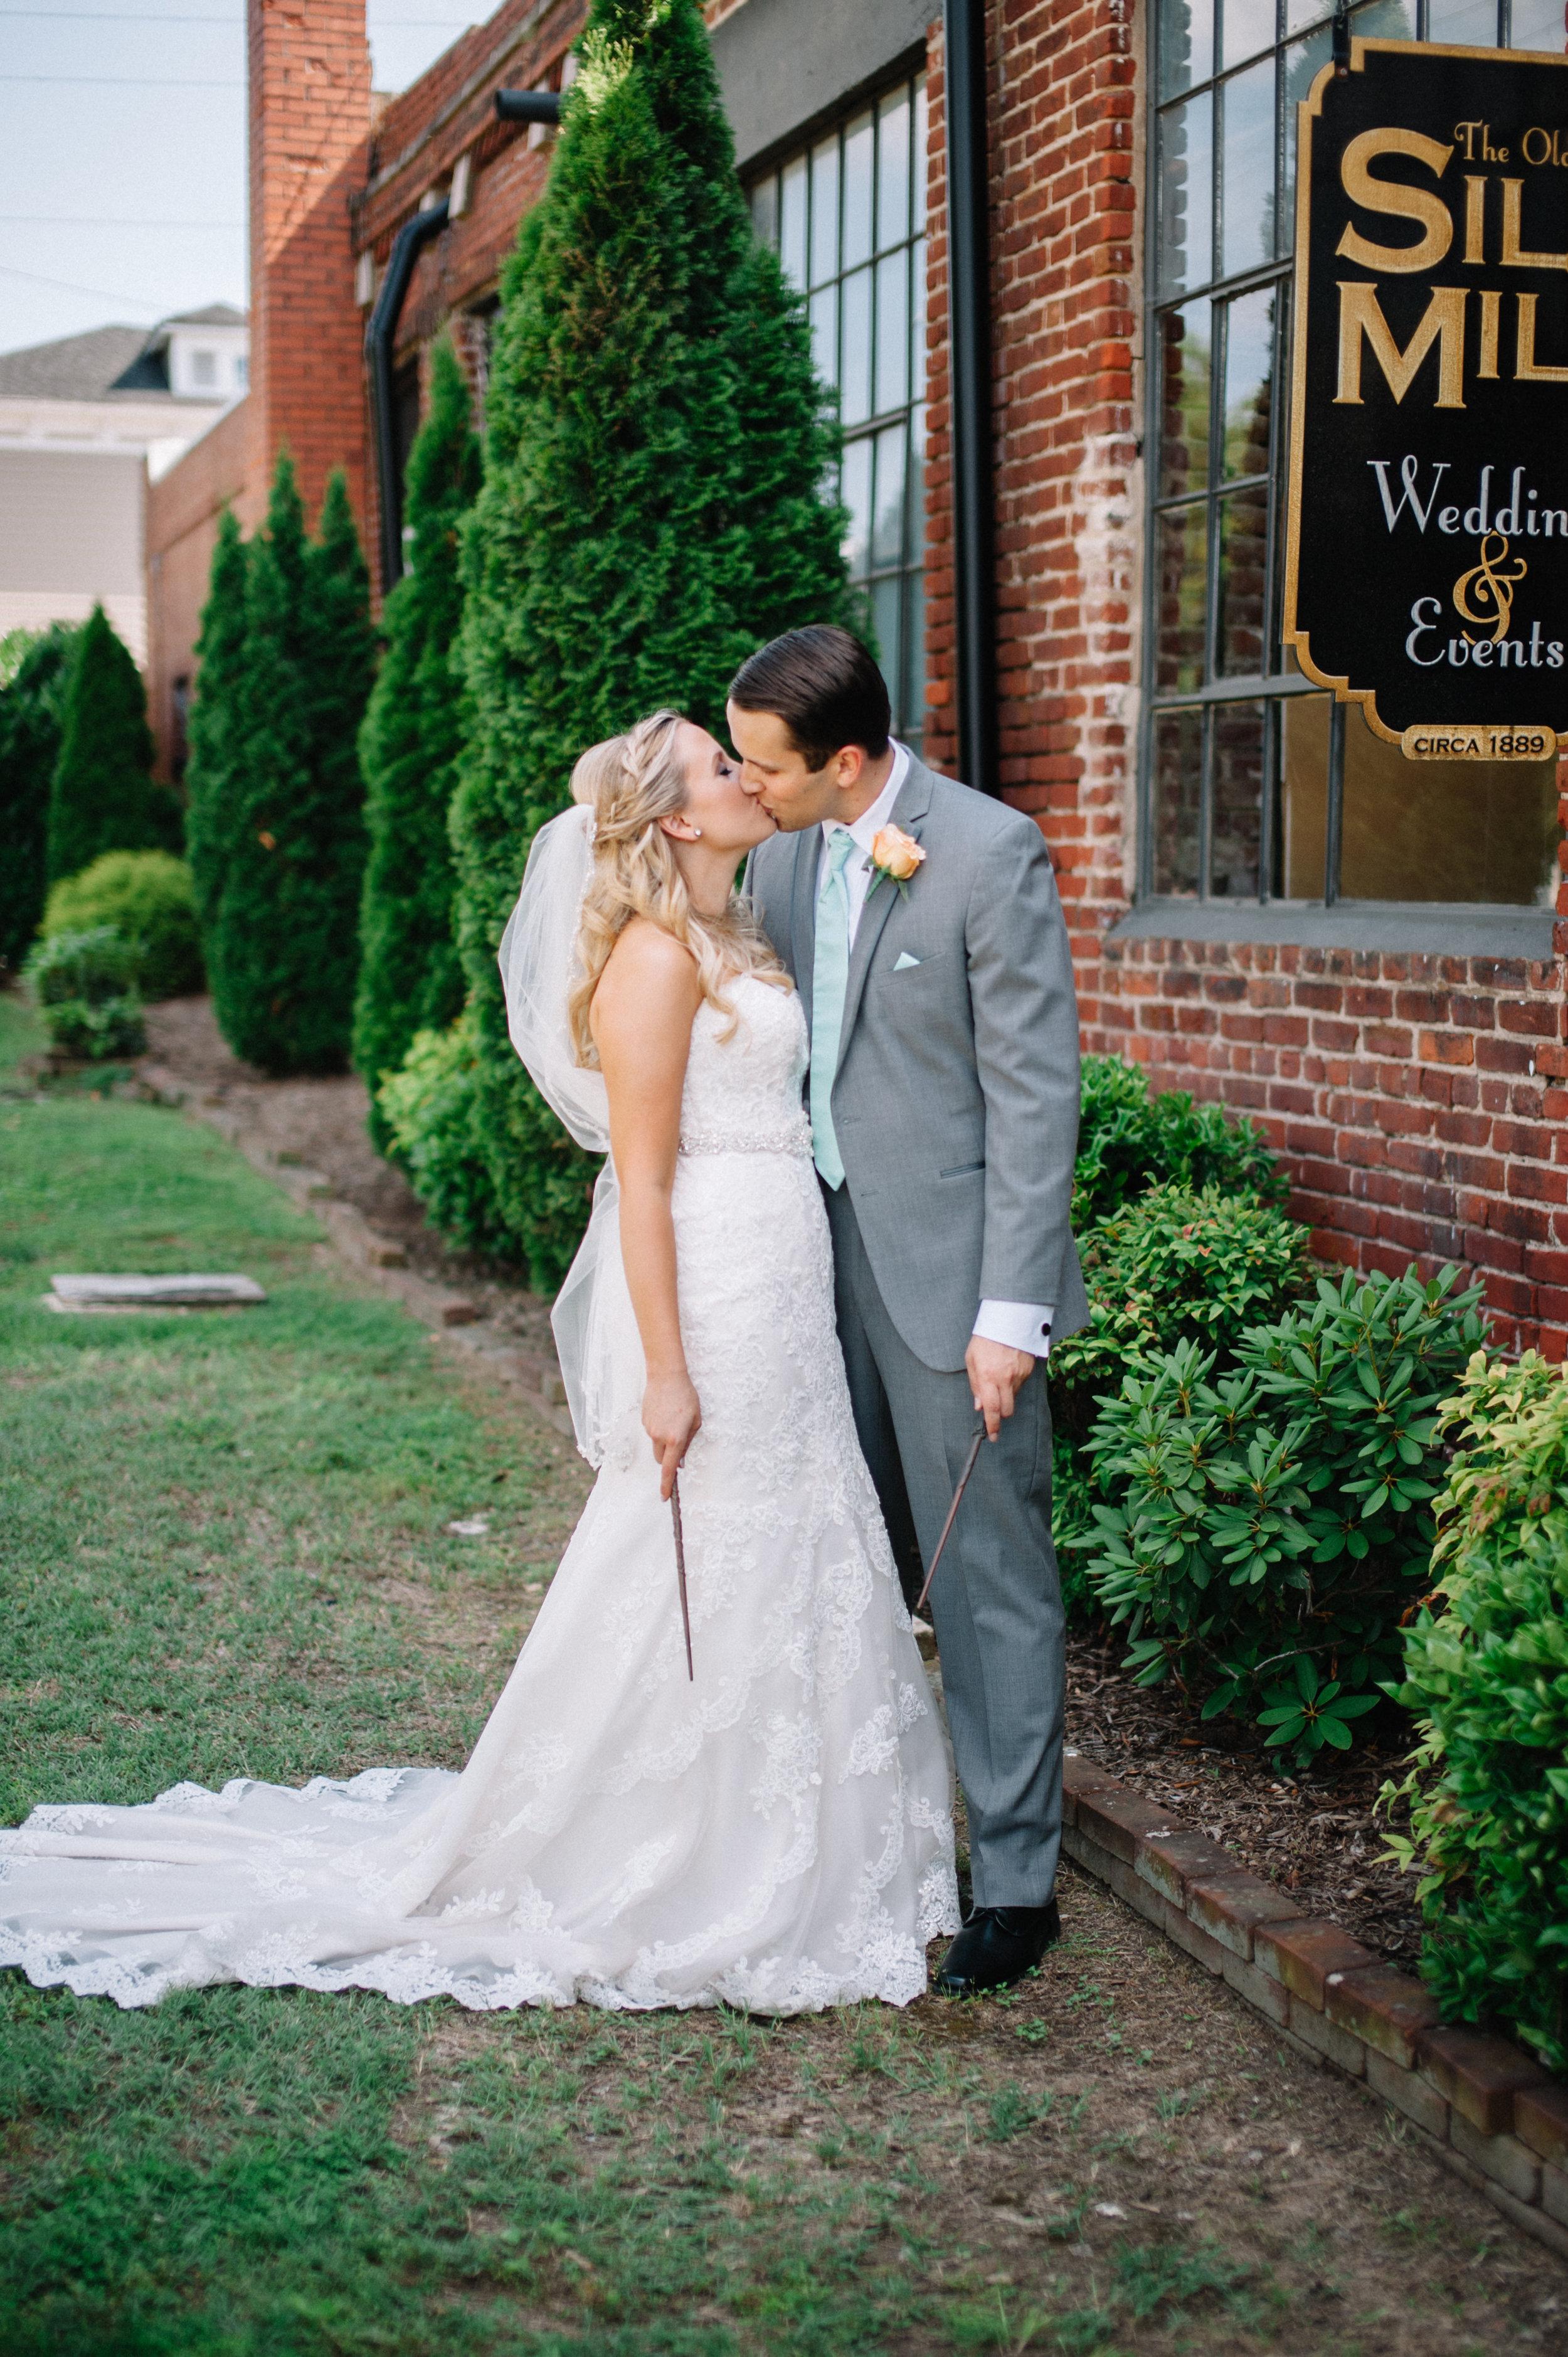 silkmillharrypotterwedding